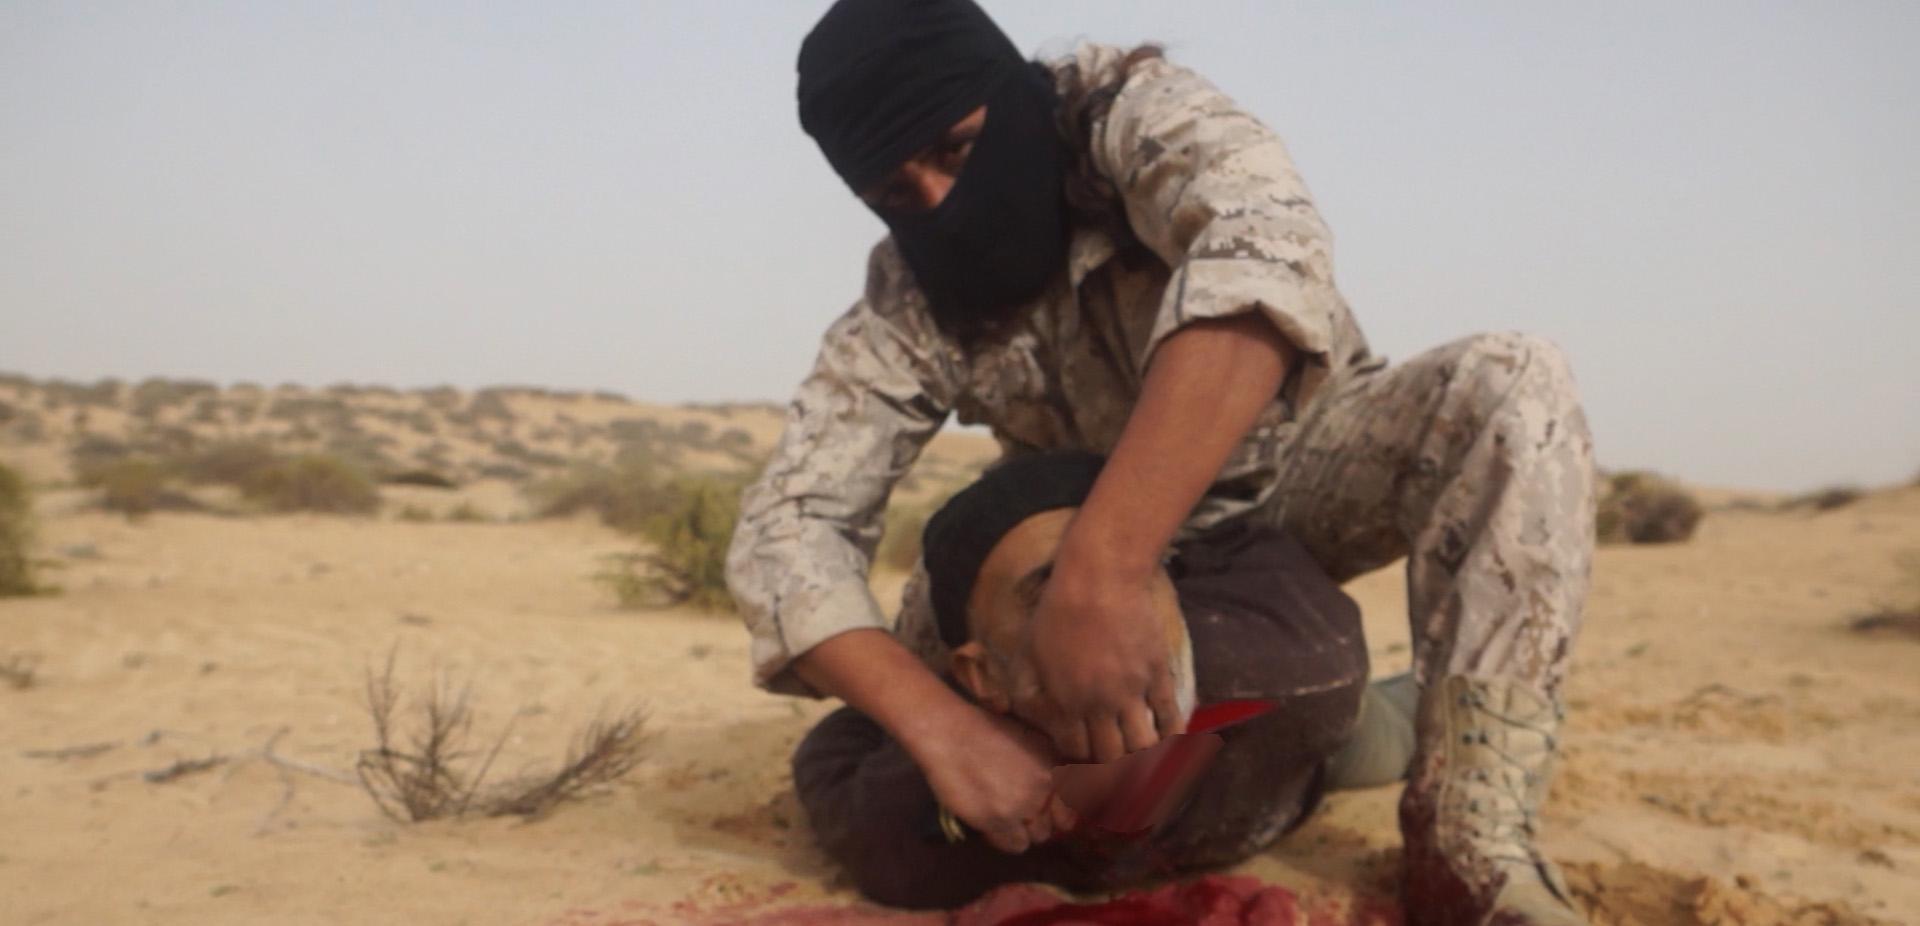 داعش یک مرد را به اتهام جاسوسی برای ارتش مصر سر برید + عکس